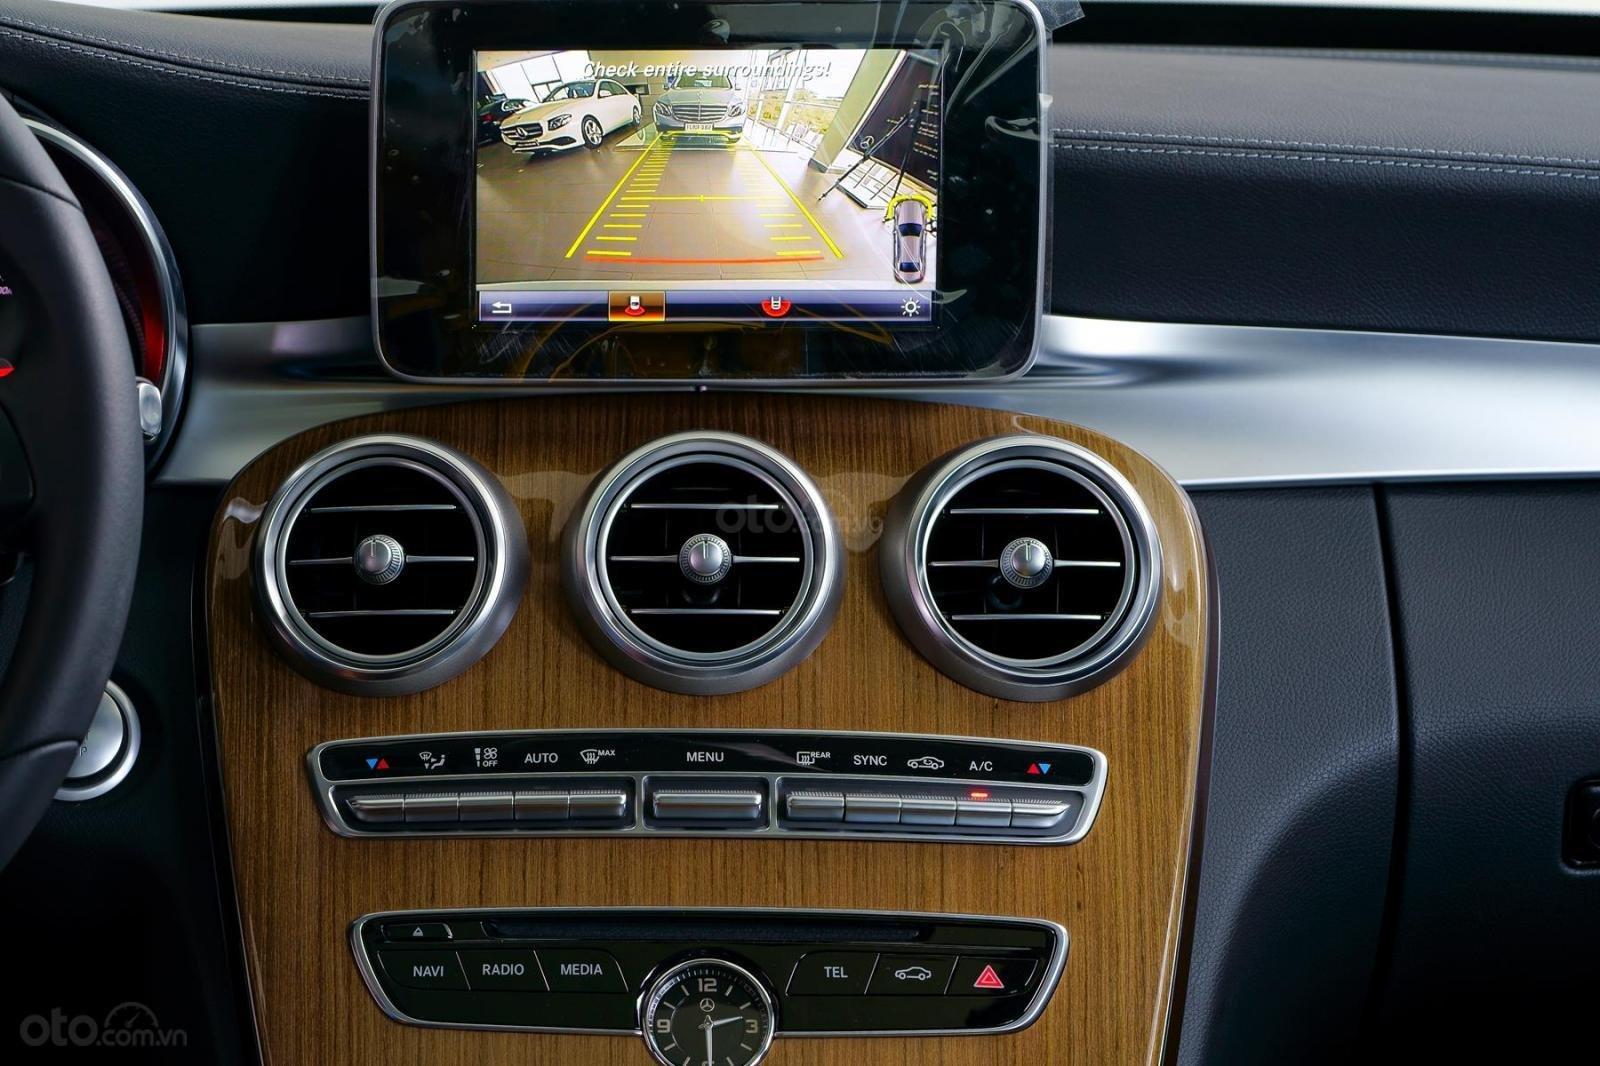 Bán xe Mercedes-Benz C250 Exclusive đăng ký 2019 - 1 tỷ 5 (8)